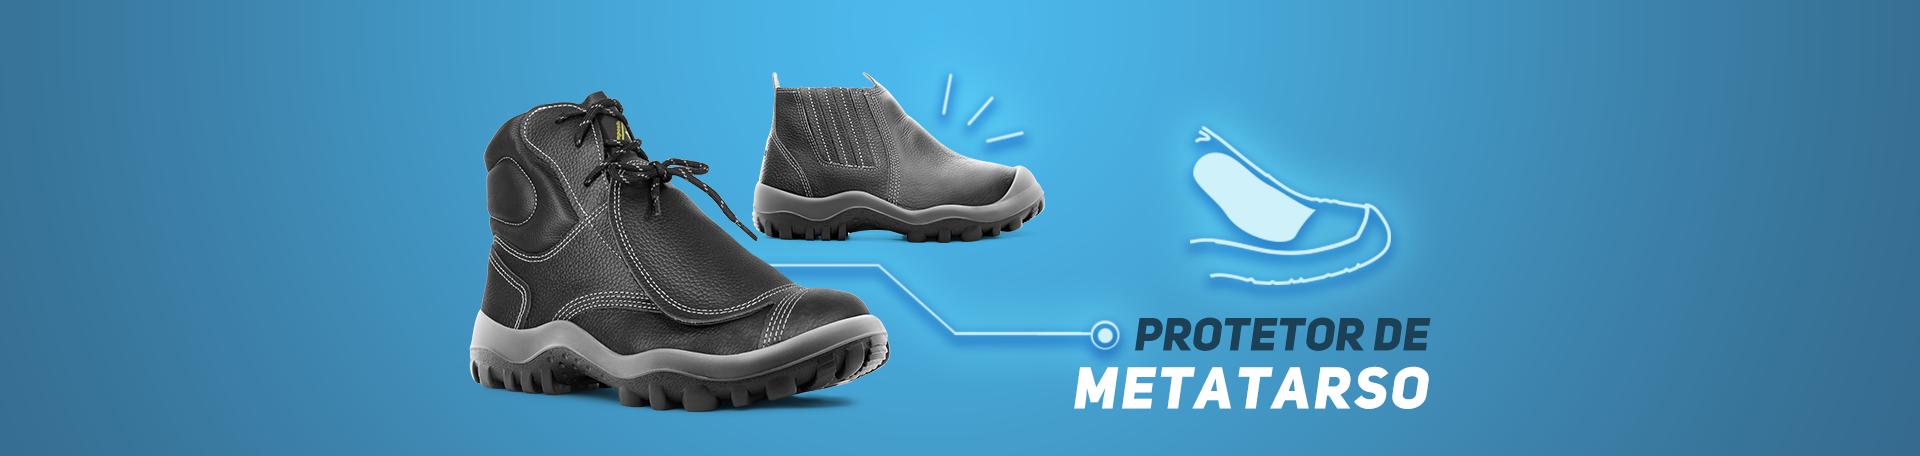 calçado-de-segurança-com-protetor-de-metatarso